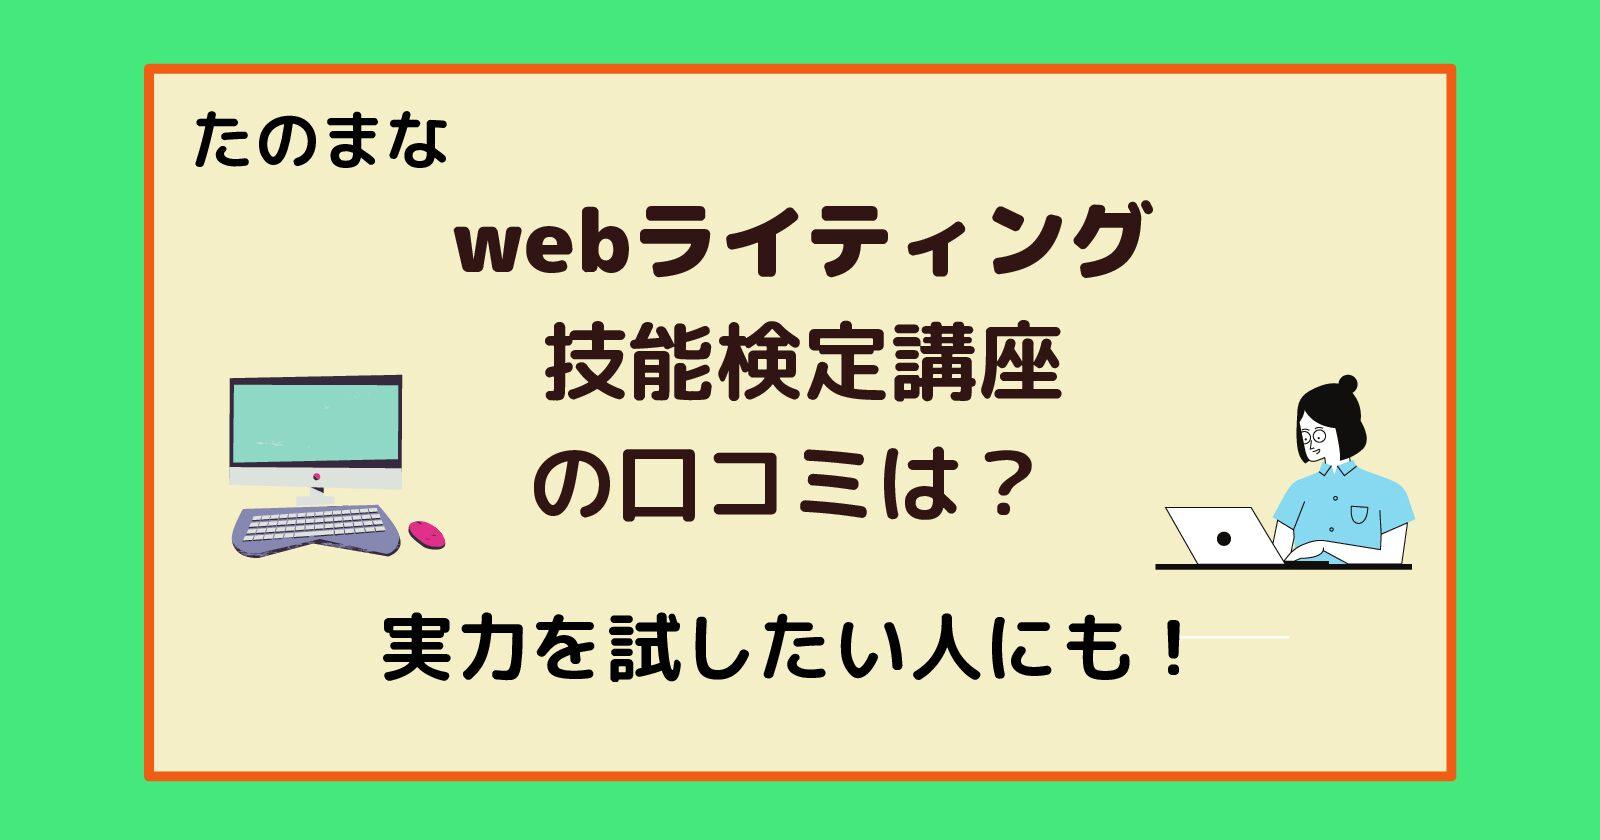 【たのまな】webライティング技能検定講座の口コミはどう?実力を試したい人にも!